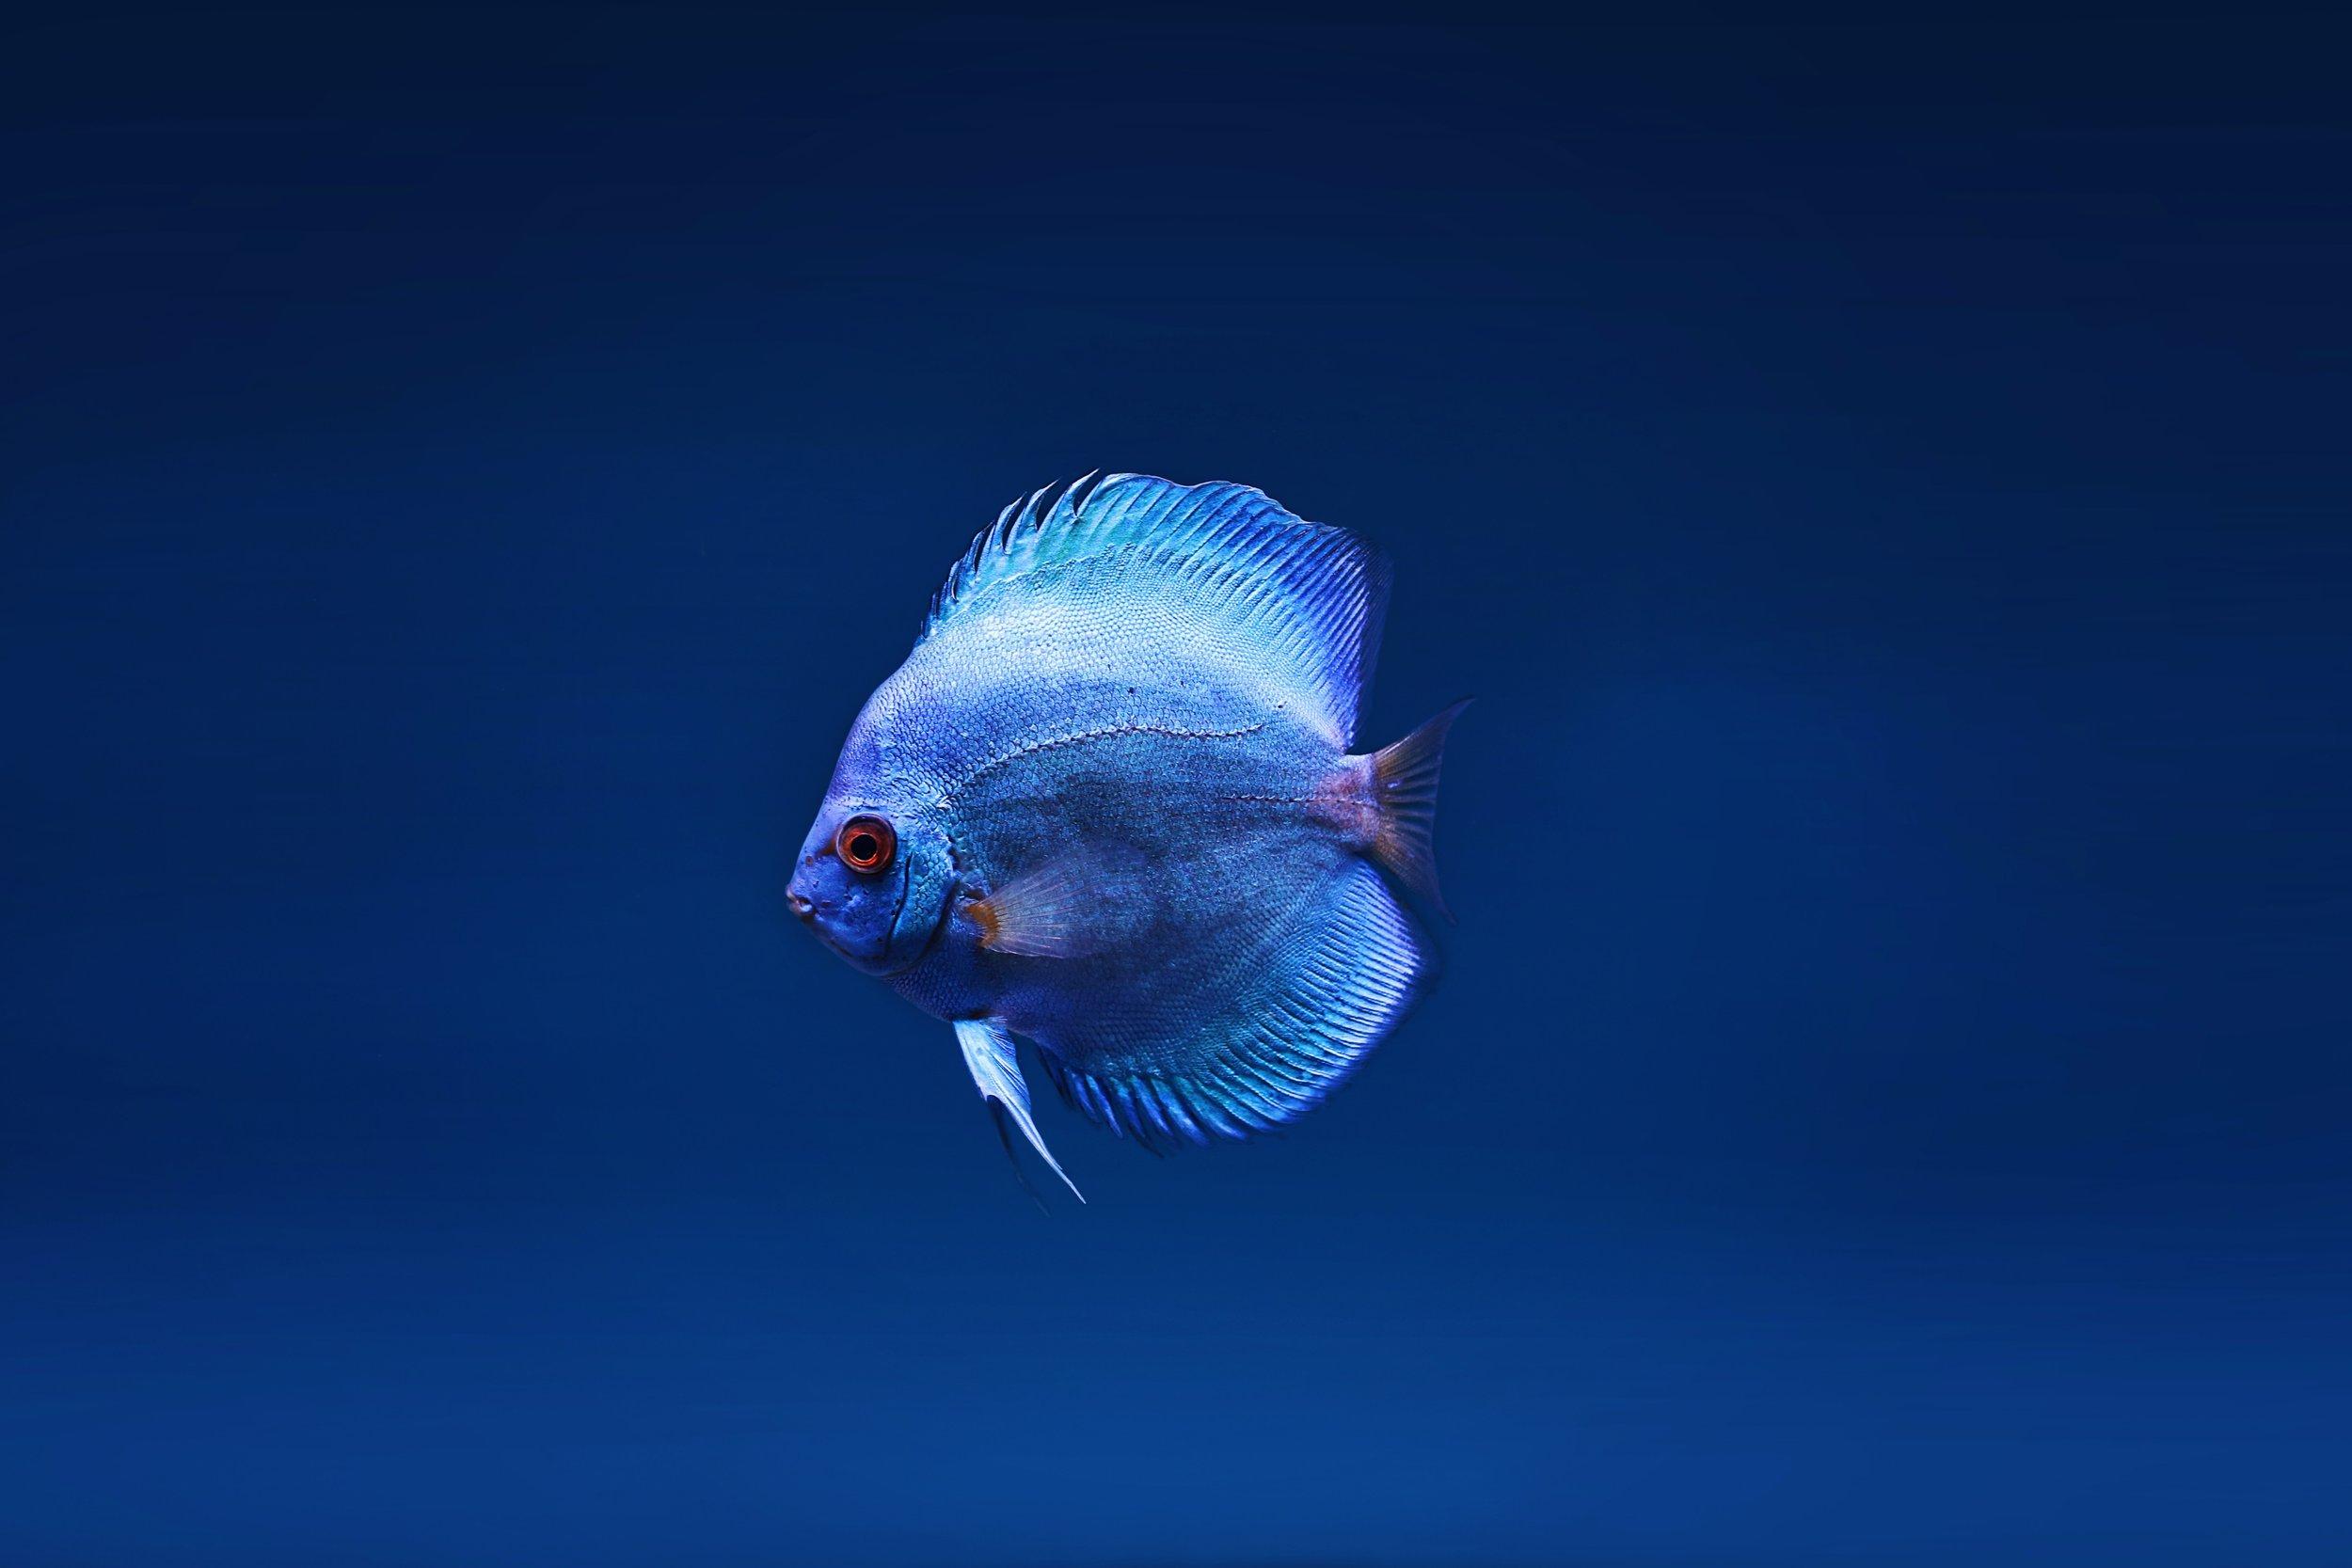 animal-aquatic-aquatic-animal-2156311.jpg